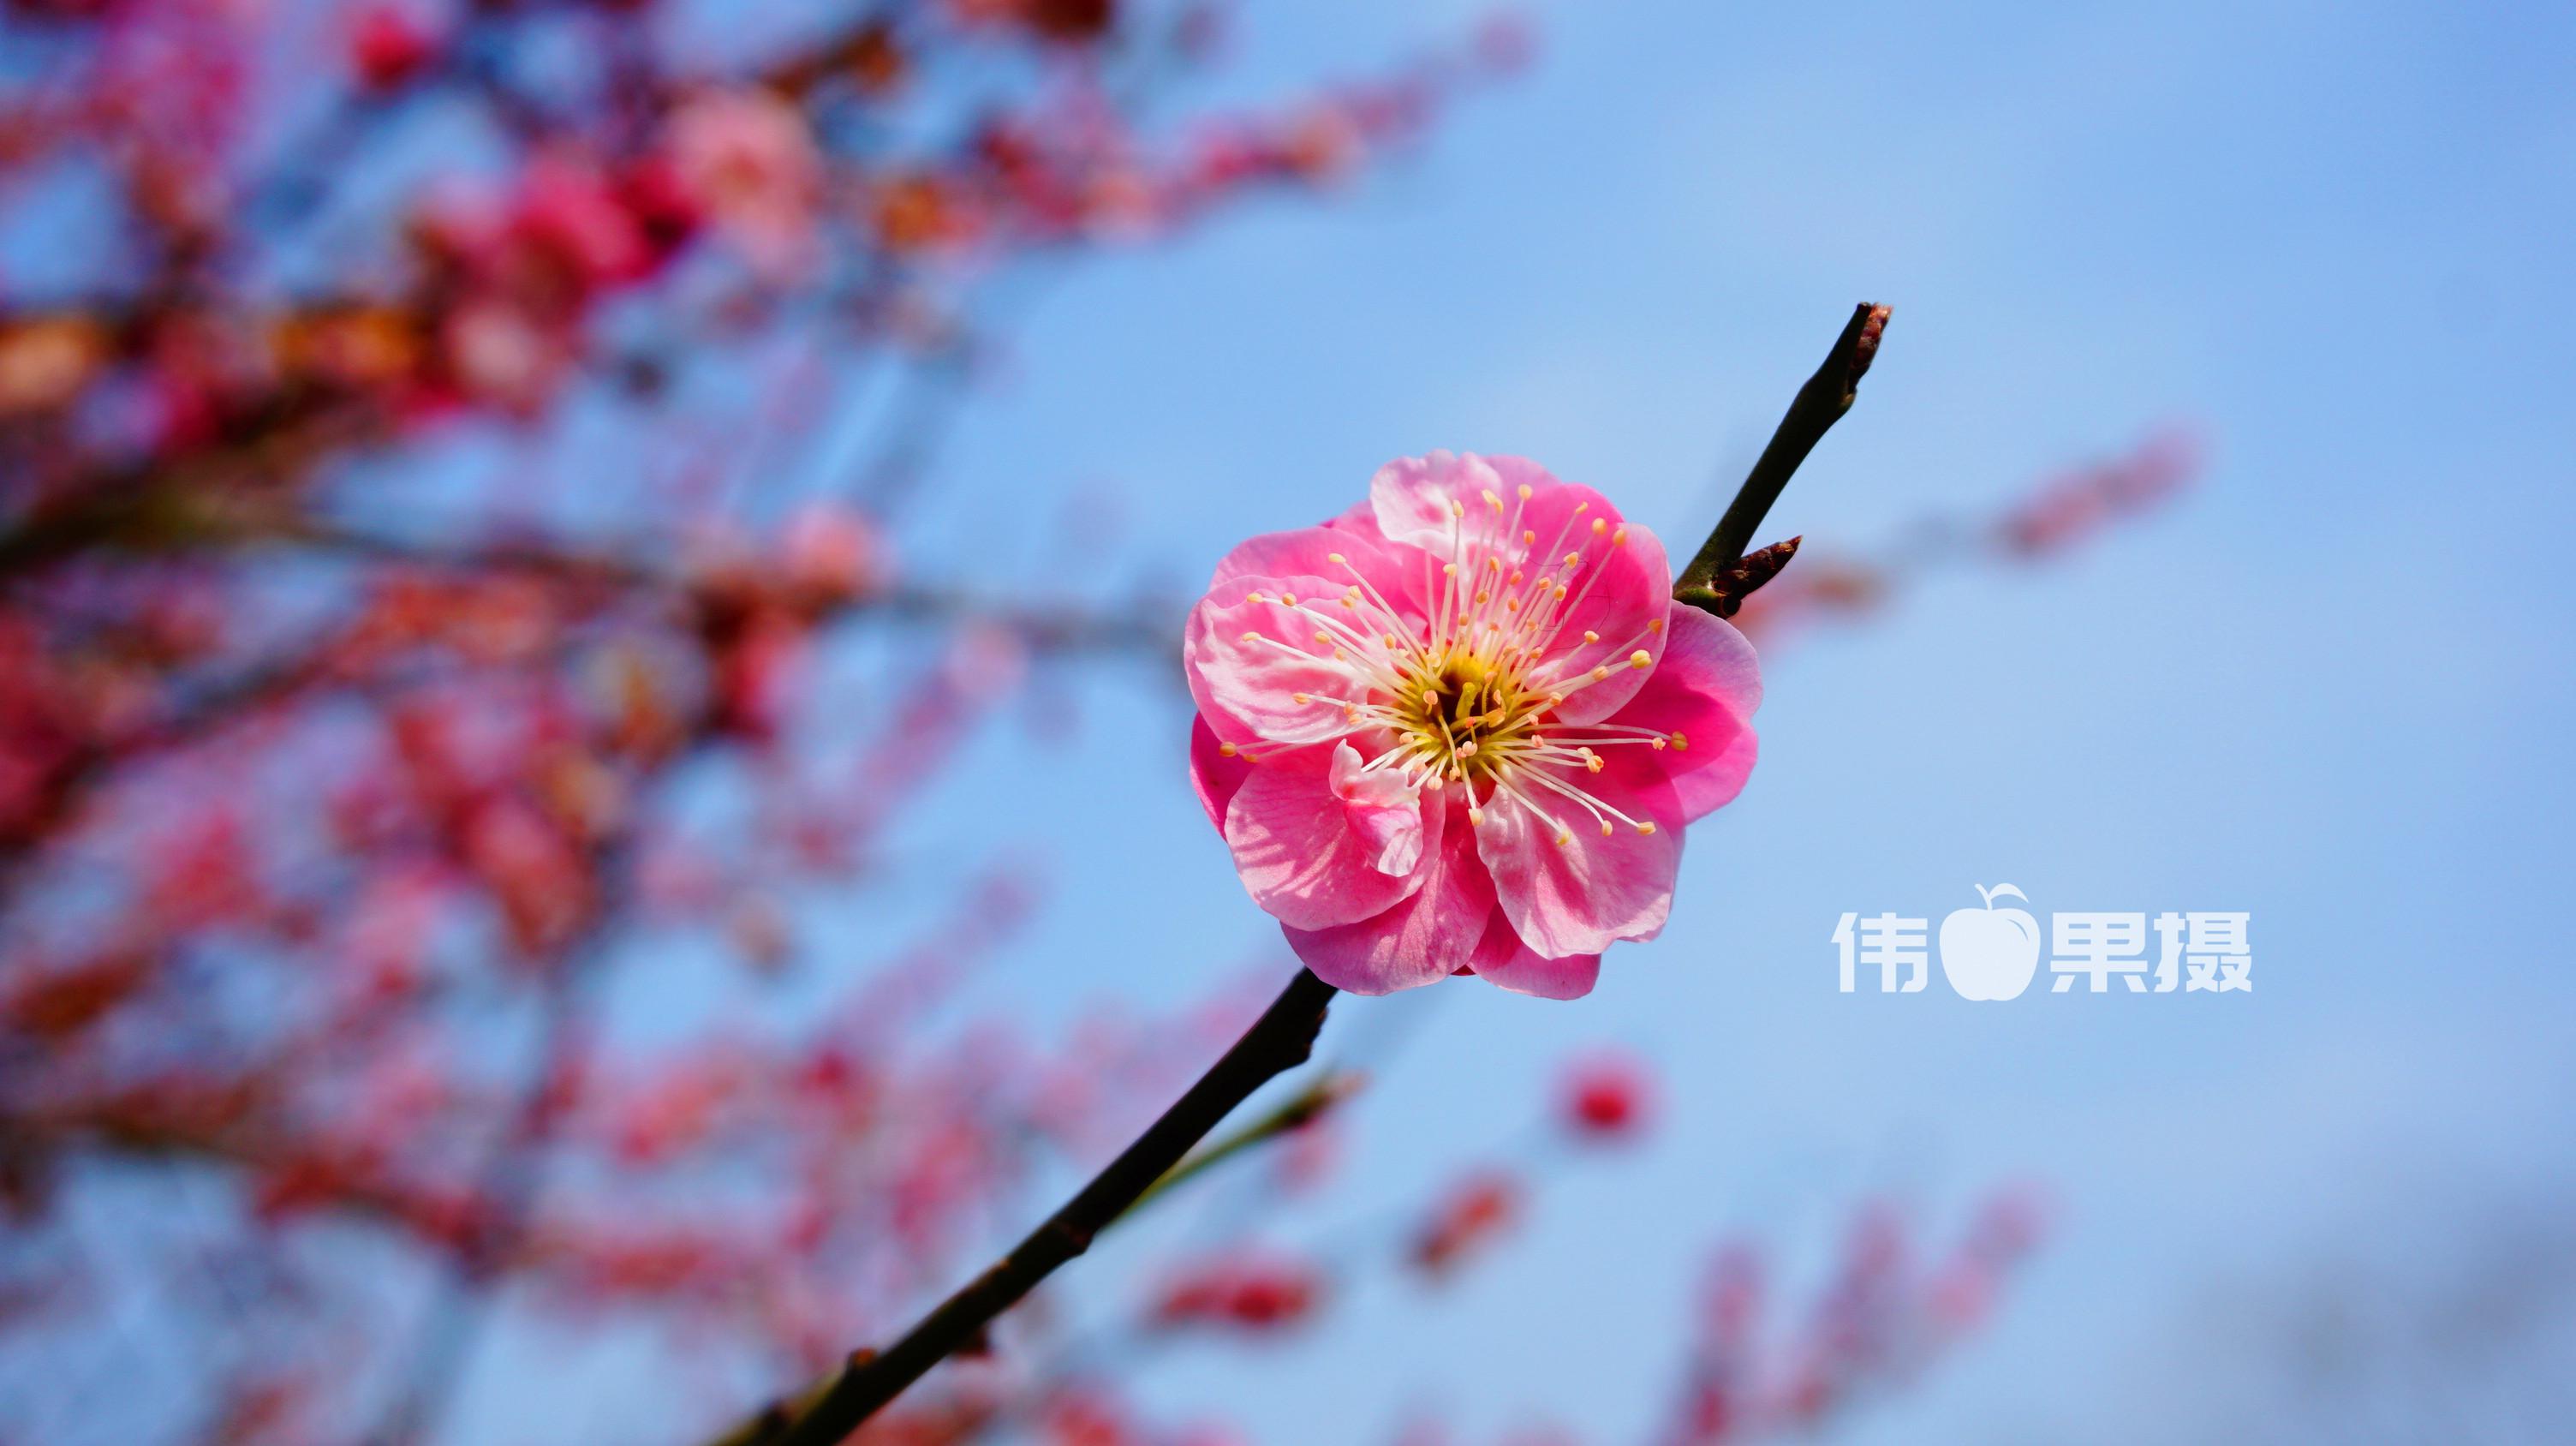 梅花图片 (8)_副本.jpg